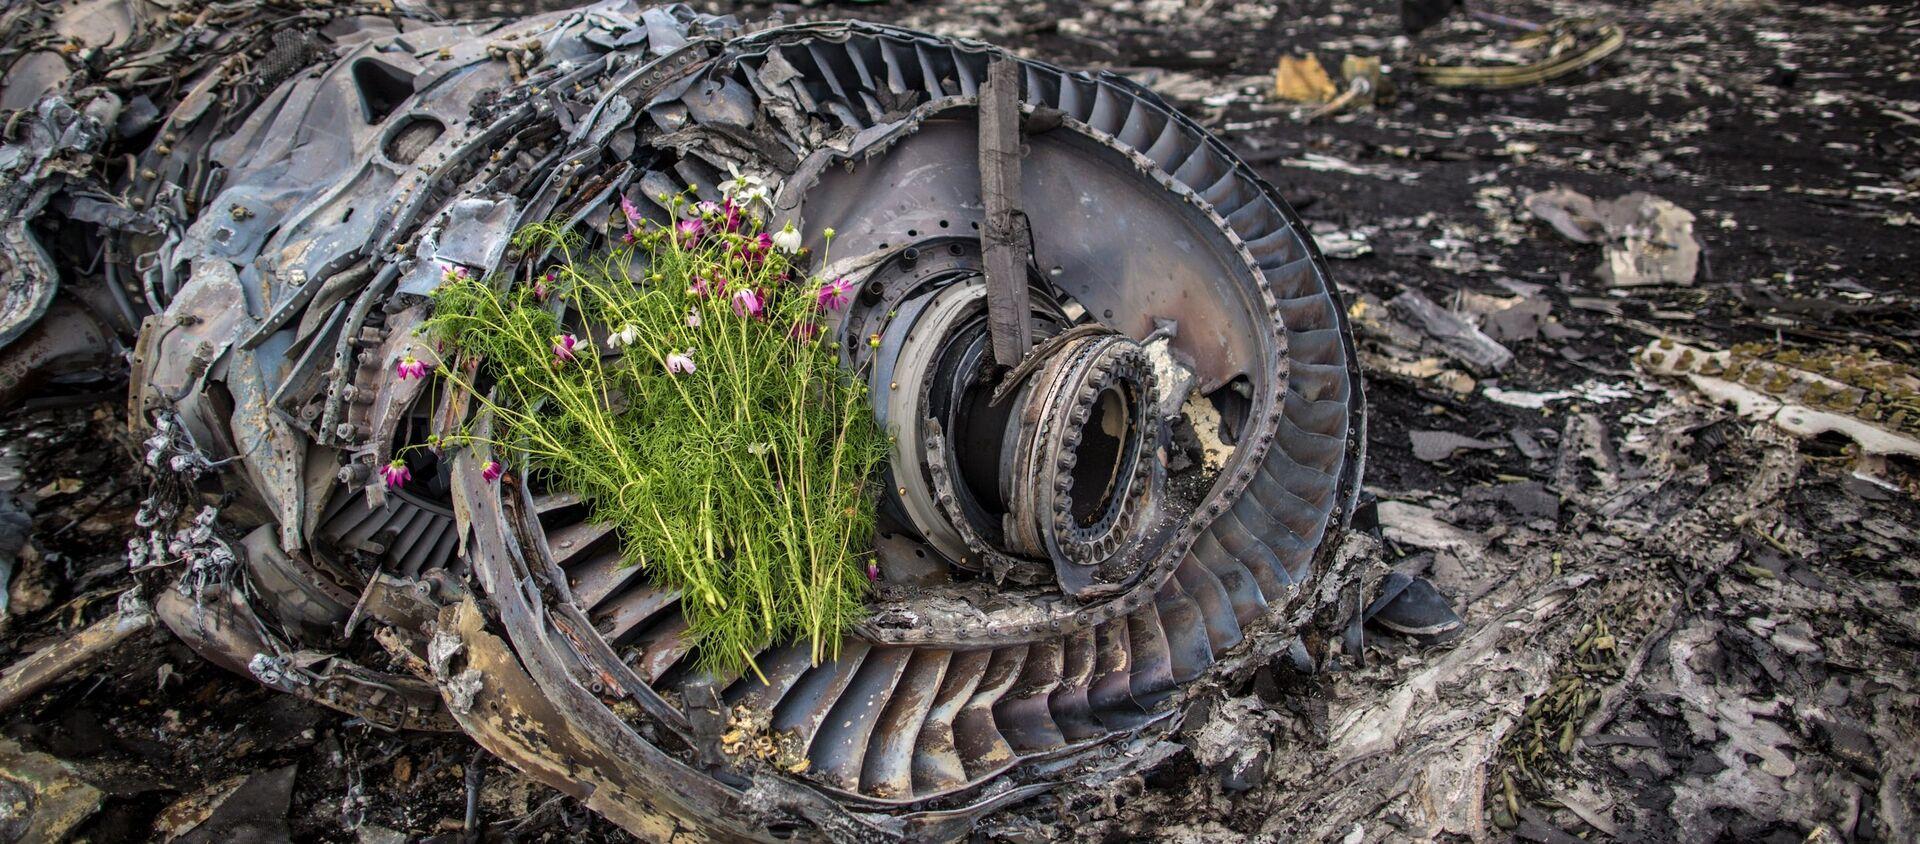 Kwiaty na szczątkach MH17 - Sputnik Polska, 1920, 16.10.2020